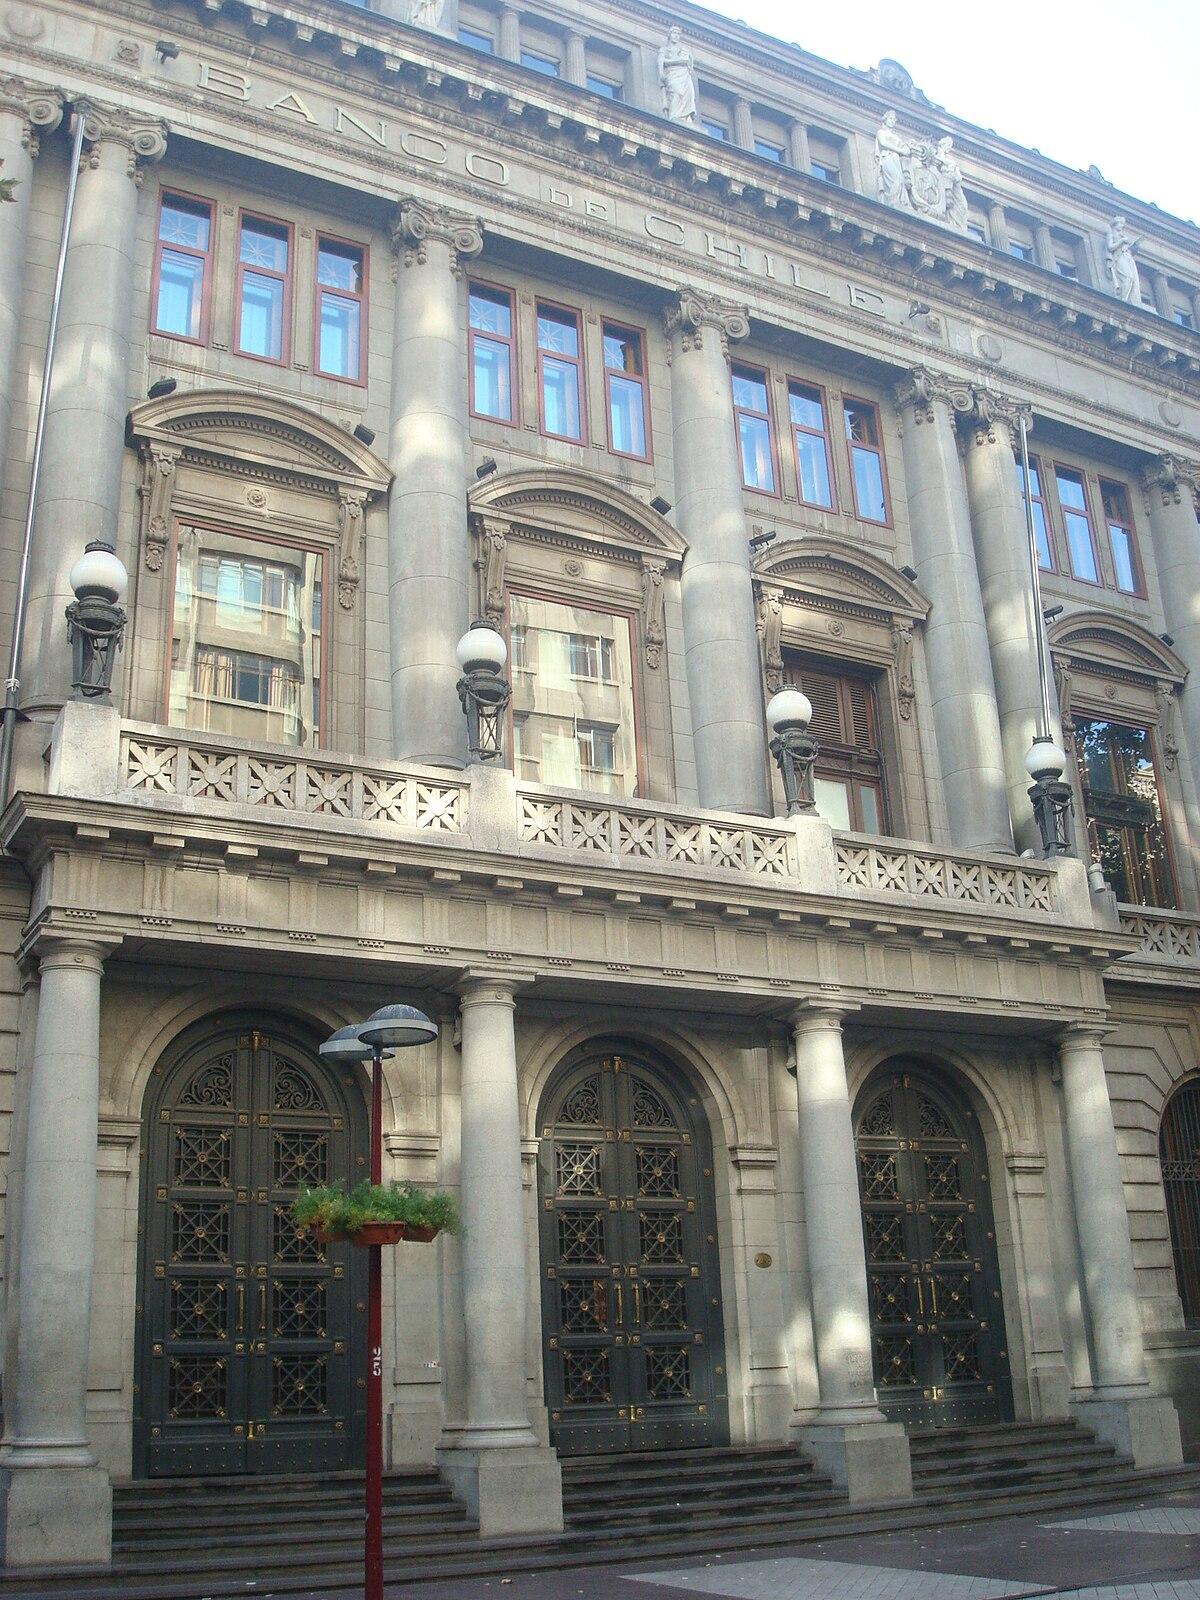 Banco de chile wikip dia - Casas de banco santander ...